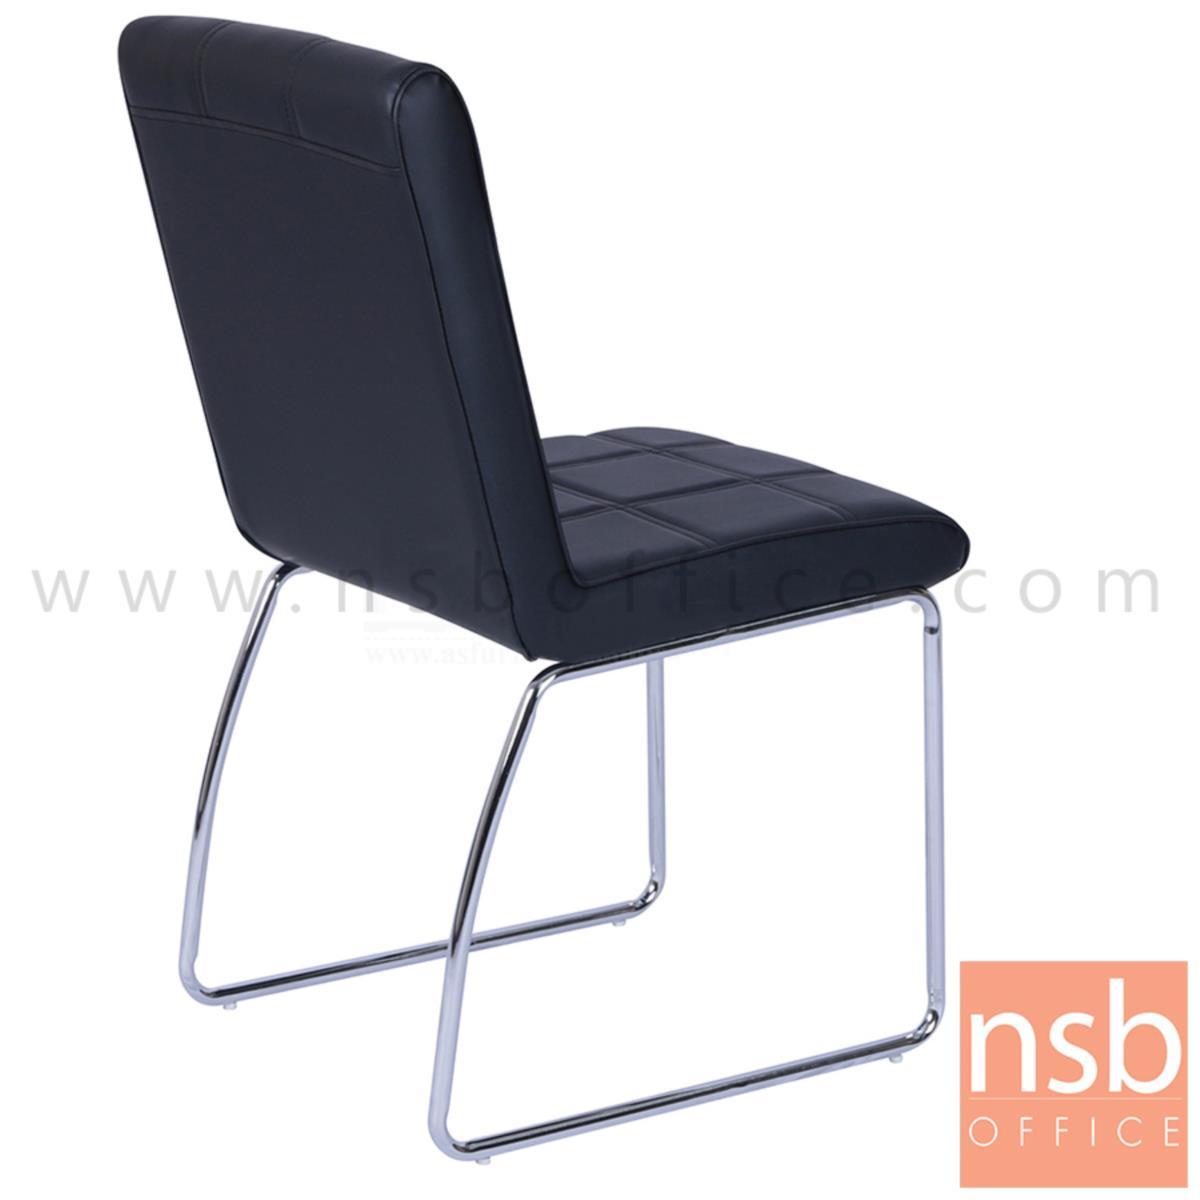 เก้าอี้รับแขกตัวยูหุ้มหนัง รุ่น Houghton (ฮอตัน)  ขาเหล็กชุบโครเมี่ยม